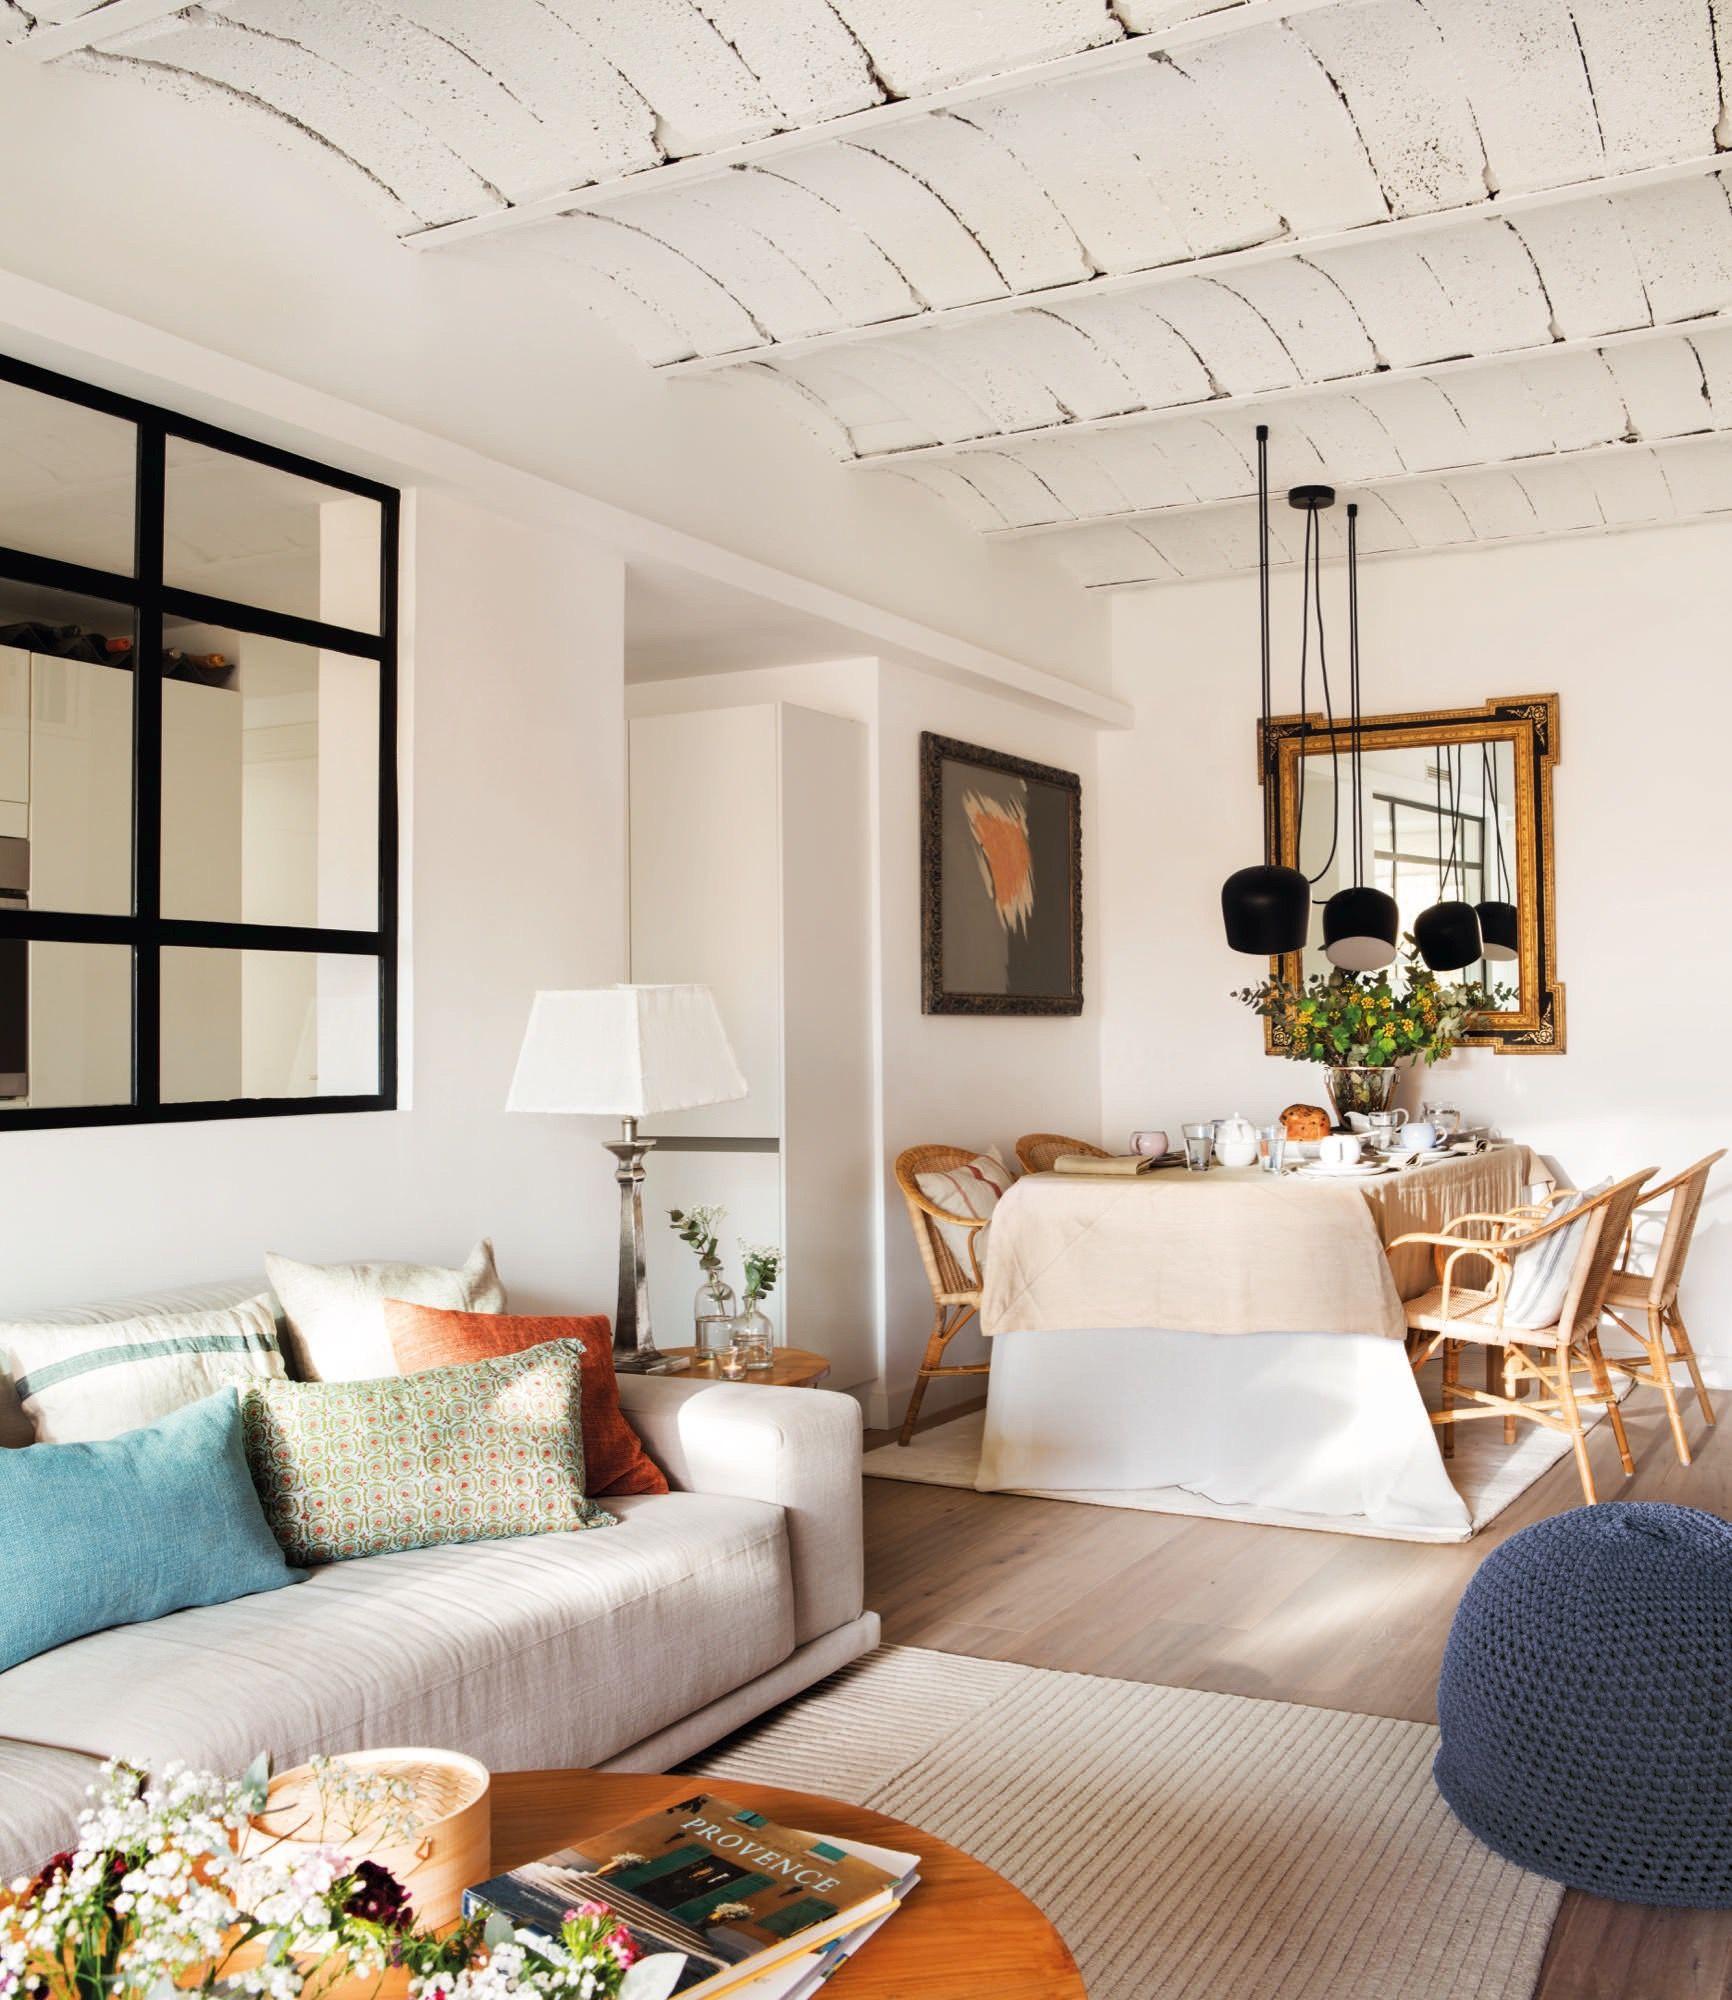 Salon comedor de un piso peque o con ventana de cristal - Fotos de salones pequenos ...